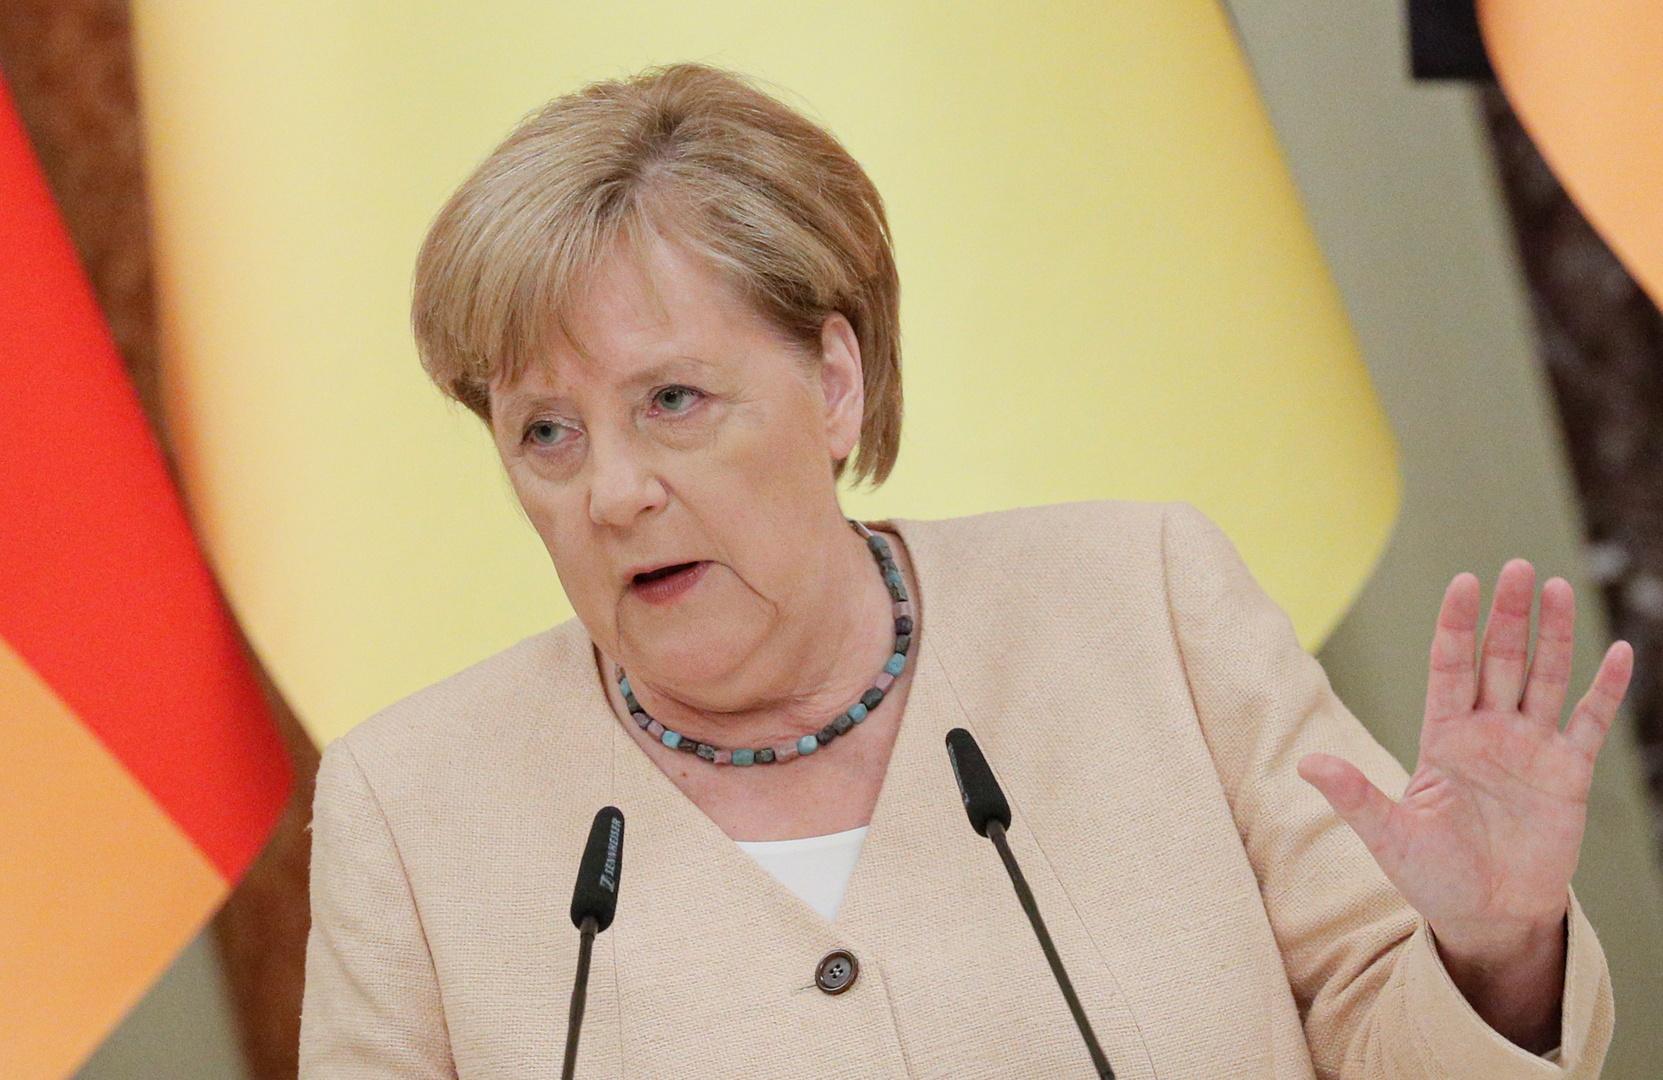 ميركل: بعد 25 عاما سينتهي اعتماد أوروبا على الغاز الروسي وعلى أوكرانيا الاستعداد لذلك